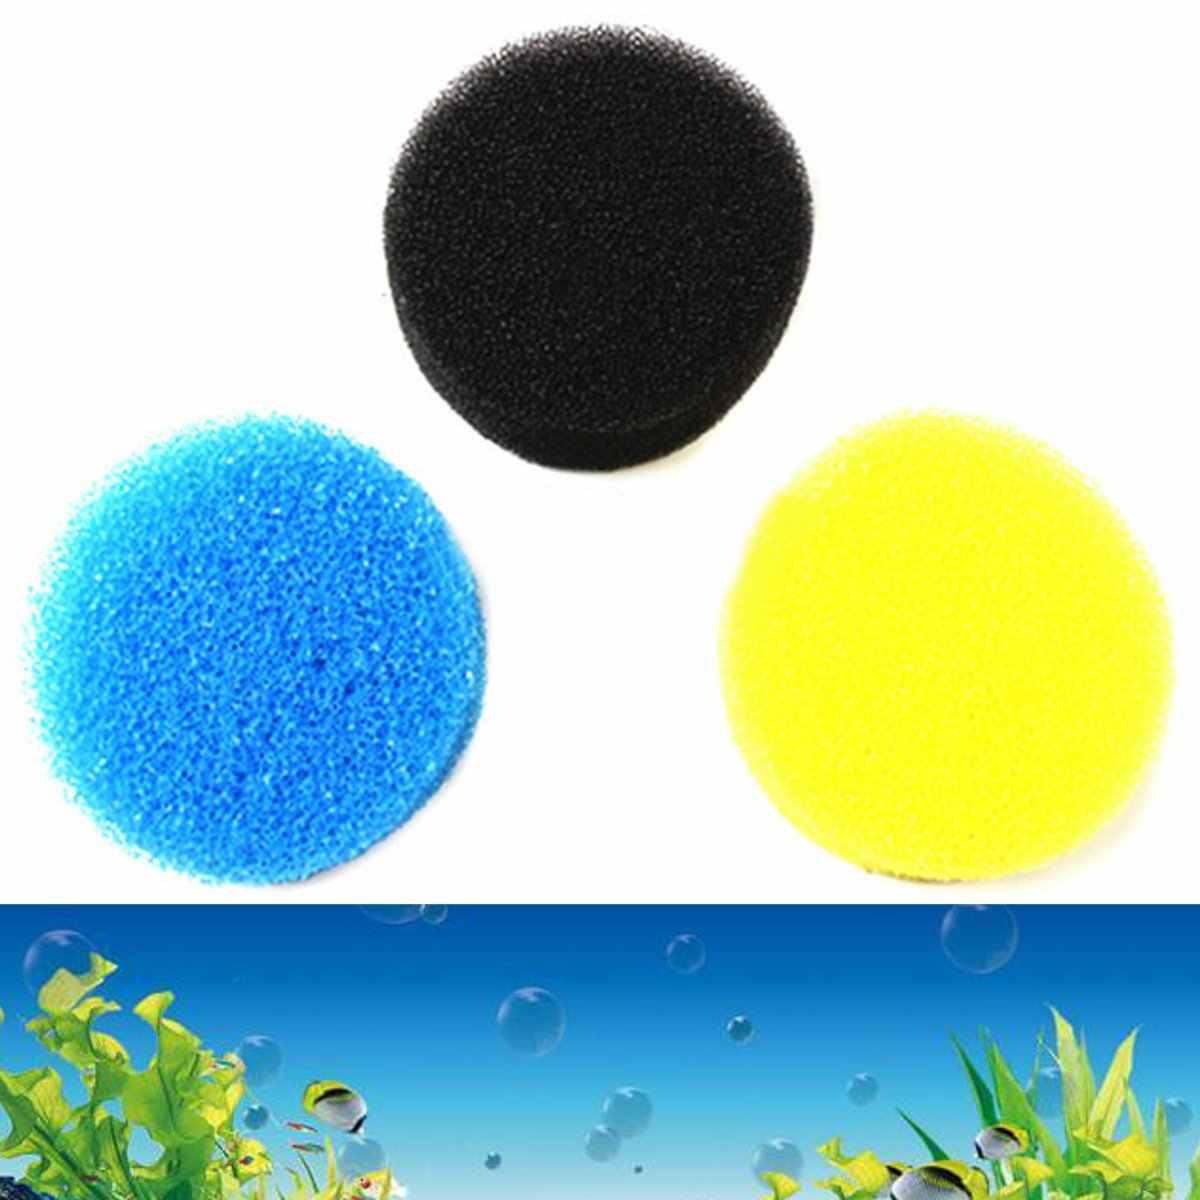 1 шт. хлопковый вспомогательный фильтр для аквариума Губка фильтр баррель Биохимический хлопок передний фильтр Заменяет ядро случайный цвет